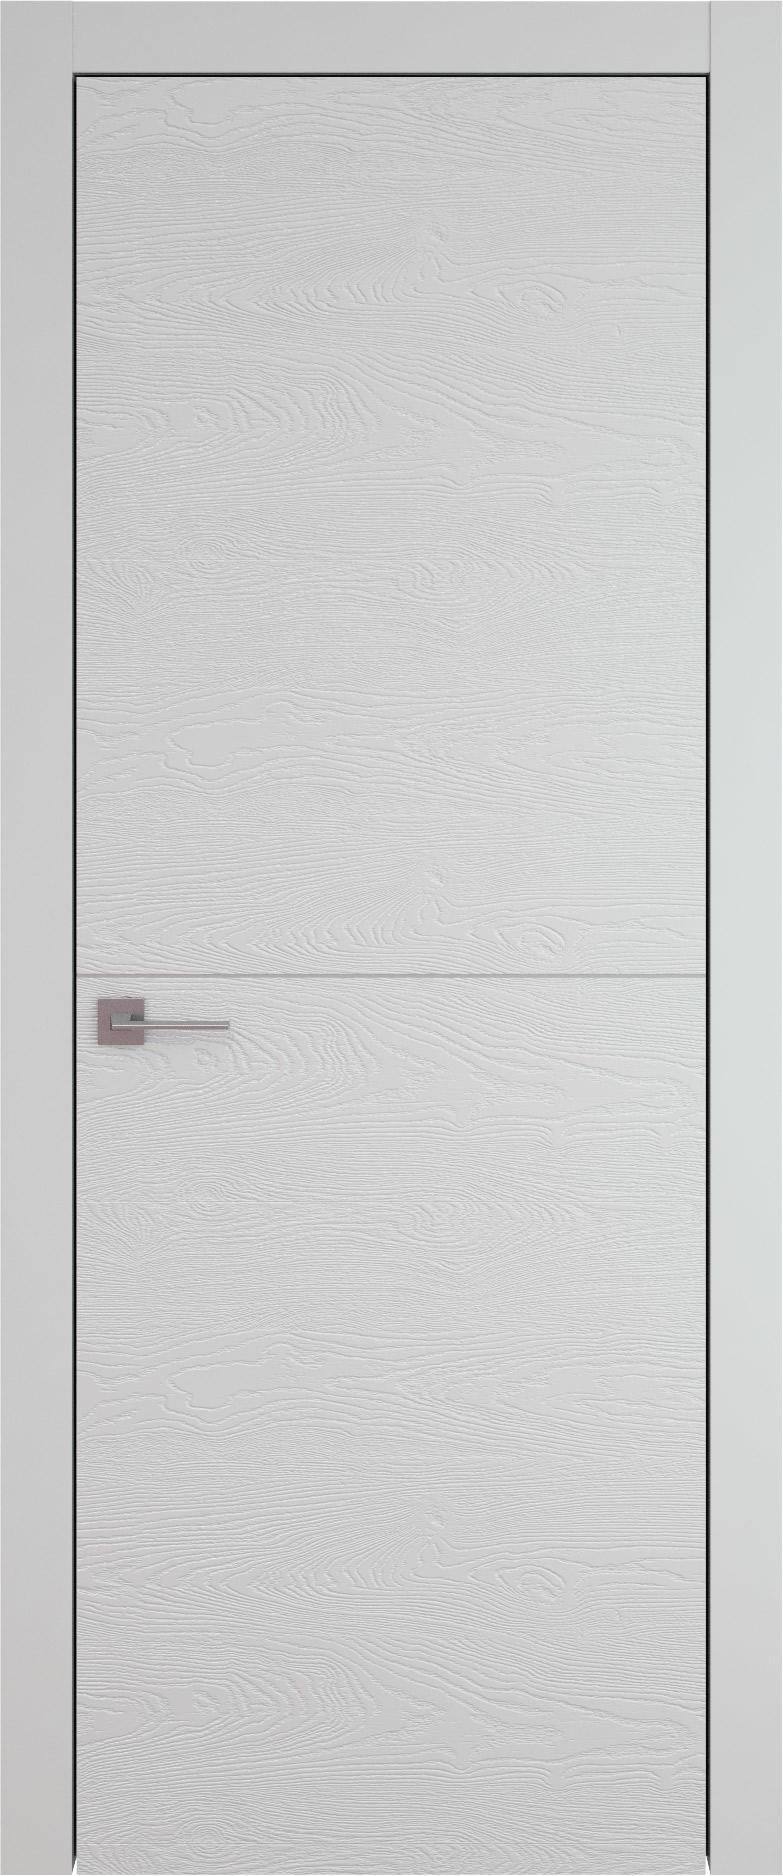 Tivoli Б-3 цвет - Серая эмаль по шпону (RAL 7047) Без стекла (ДГ)